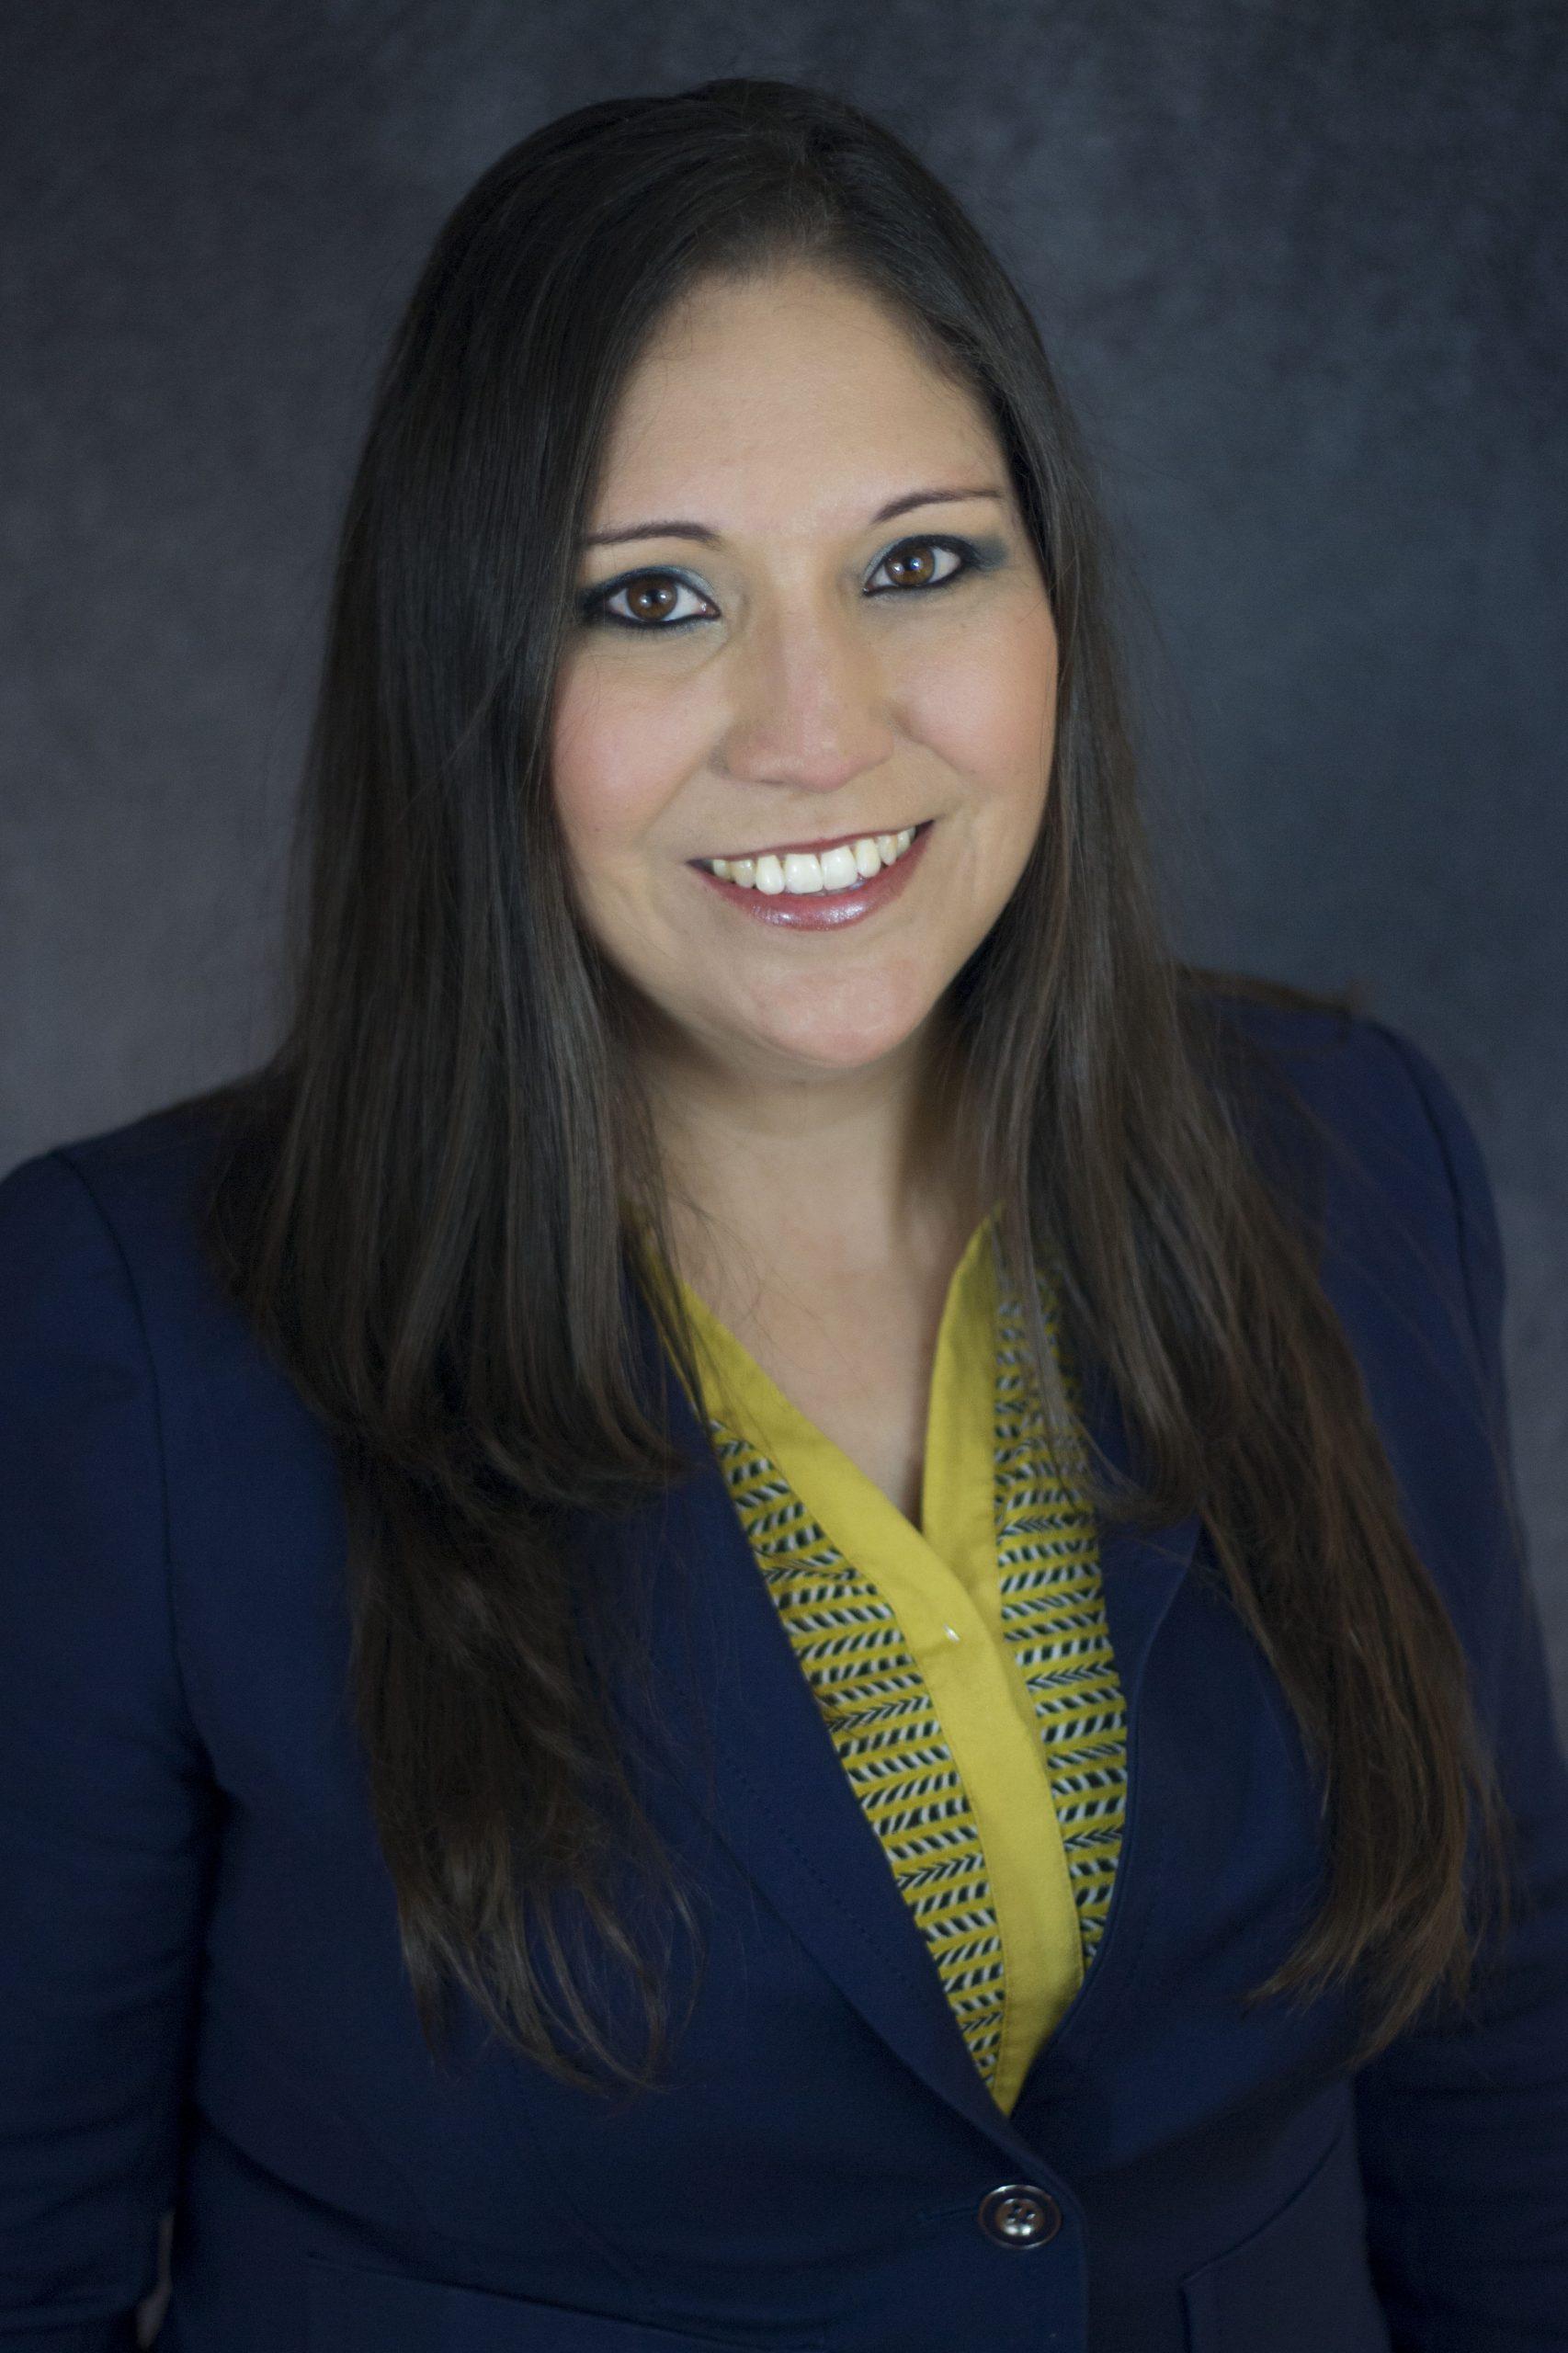 https://wbcalaredo.org/wp-content/uploads/2021/09/Dr.-Marisela-Rodriguez-scaled.jpg